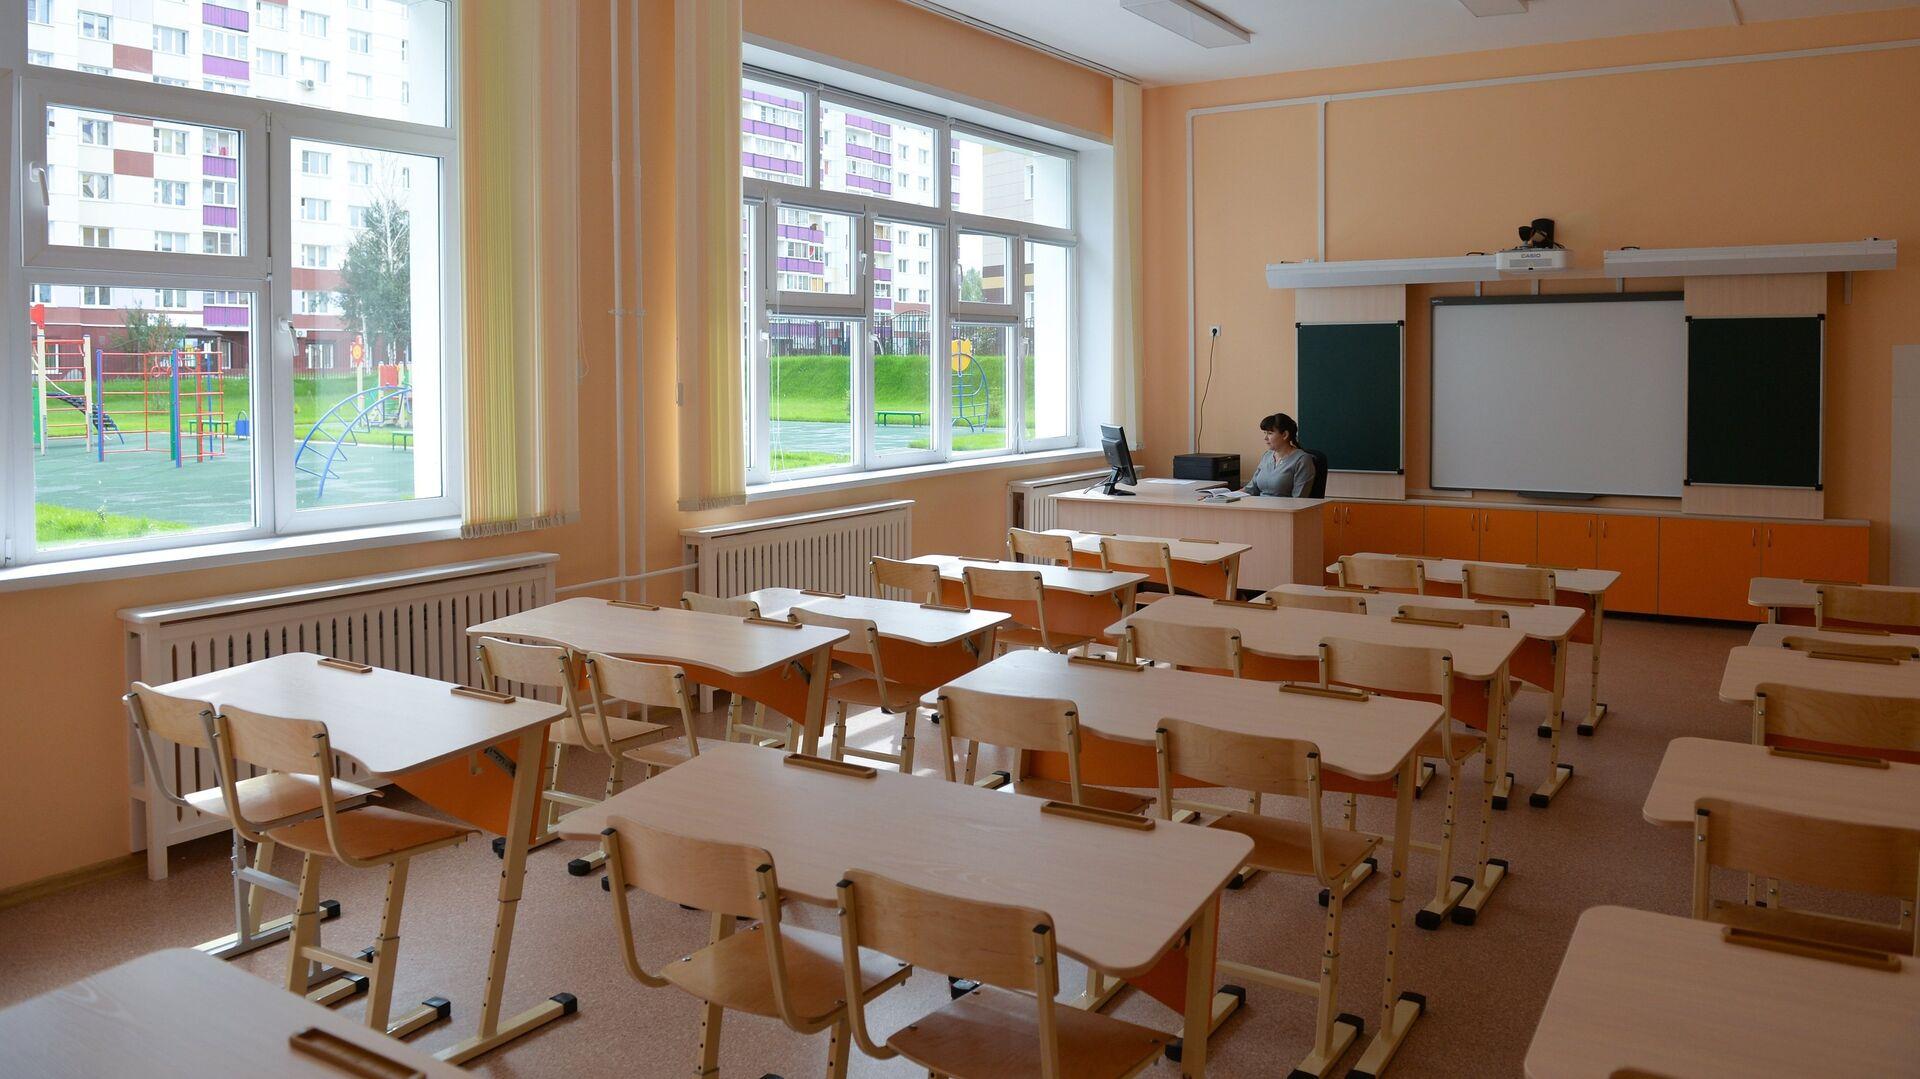 Подготовка школ к учебному году, архивное фото - Sputnik Latvija, 1920, 24.07.2021